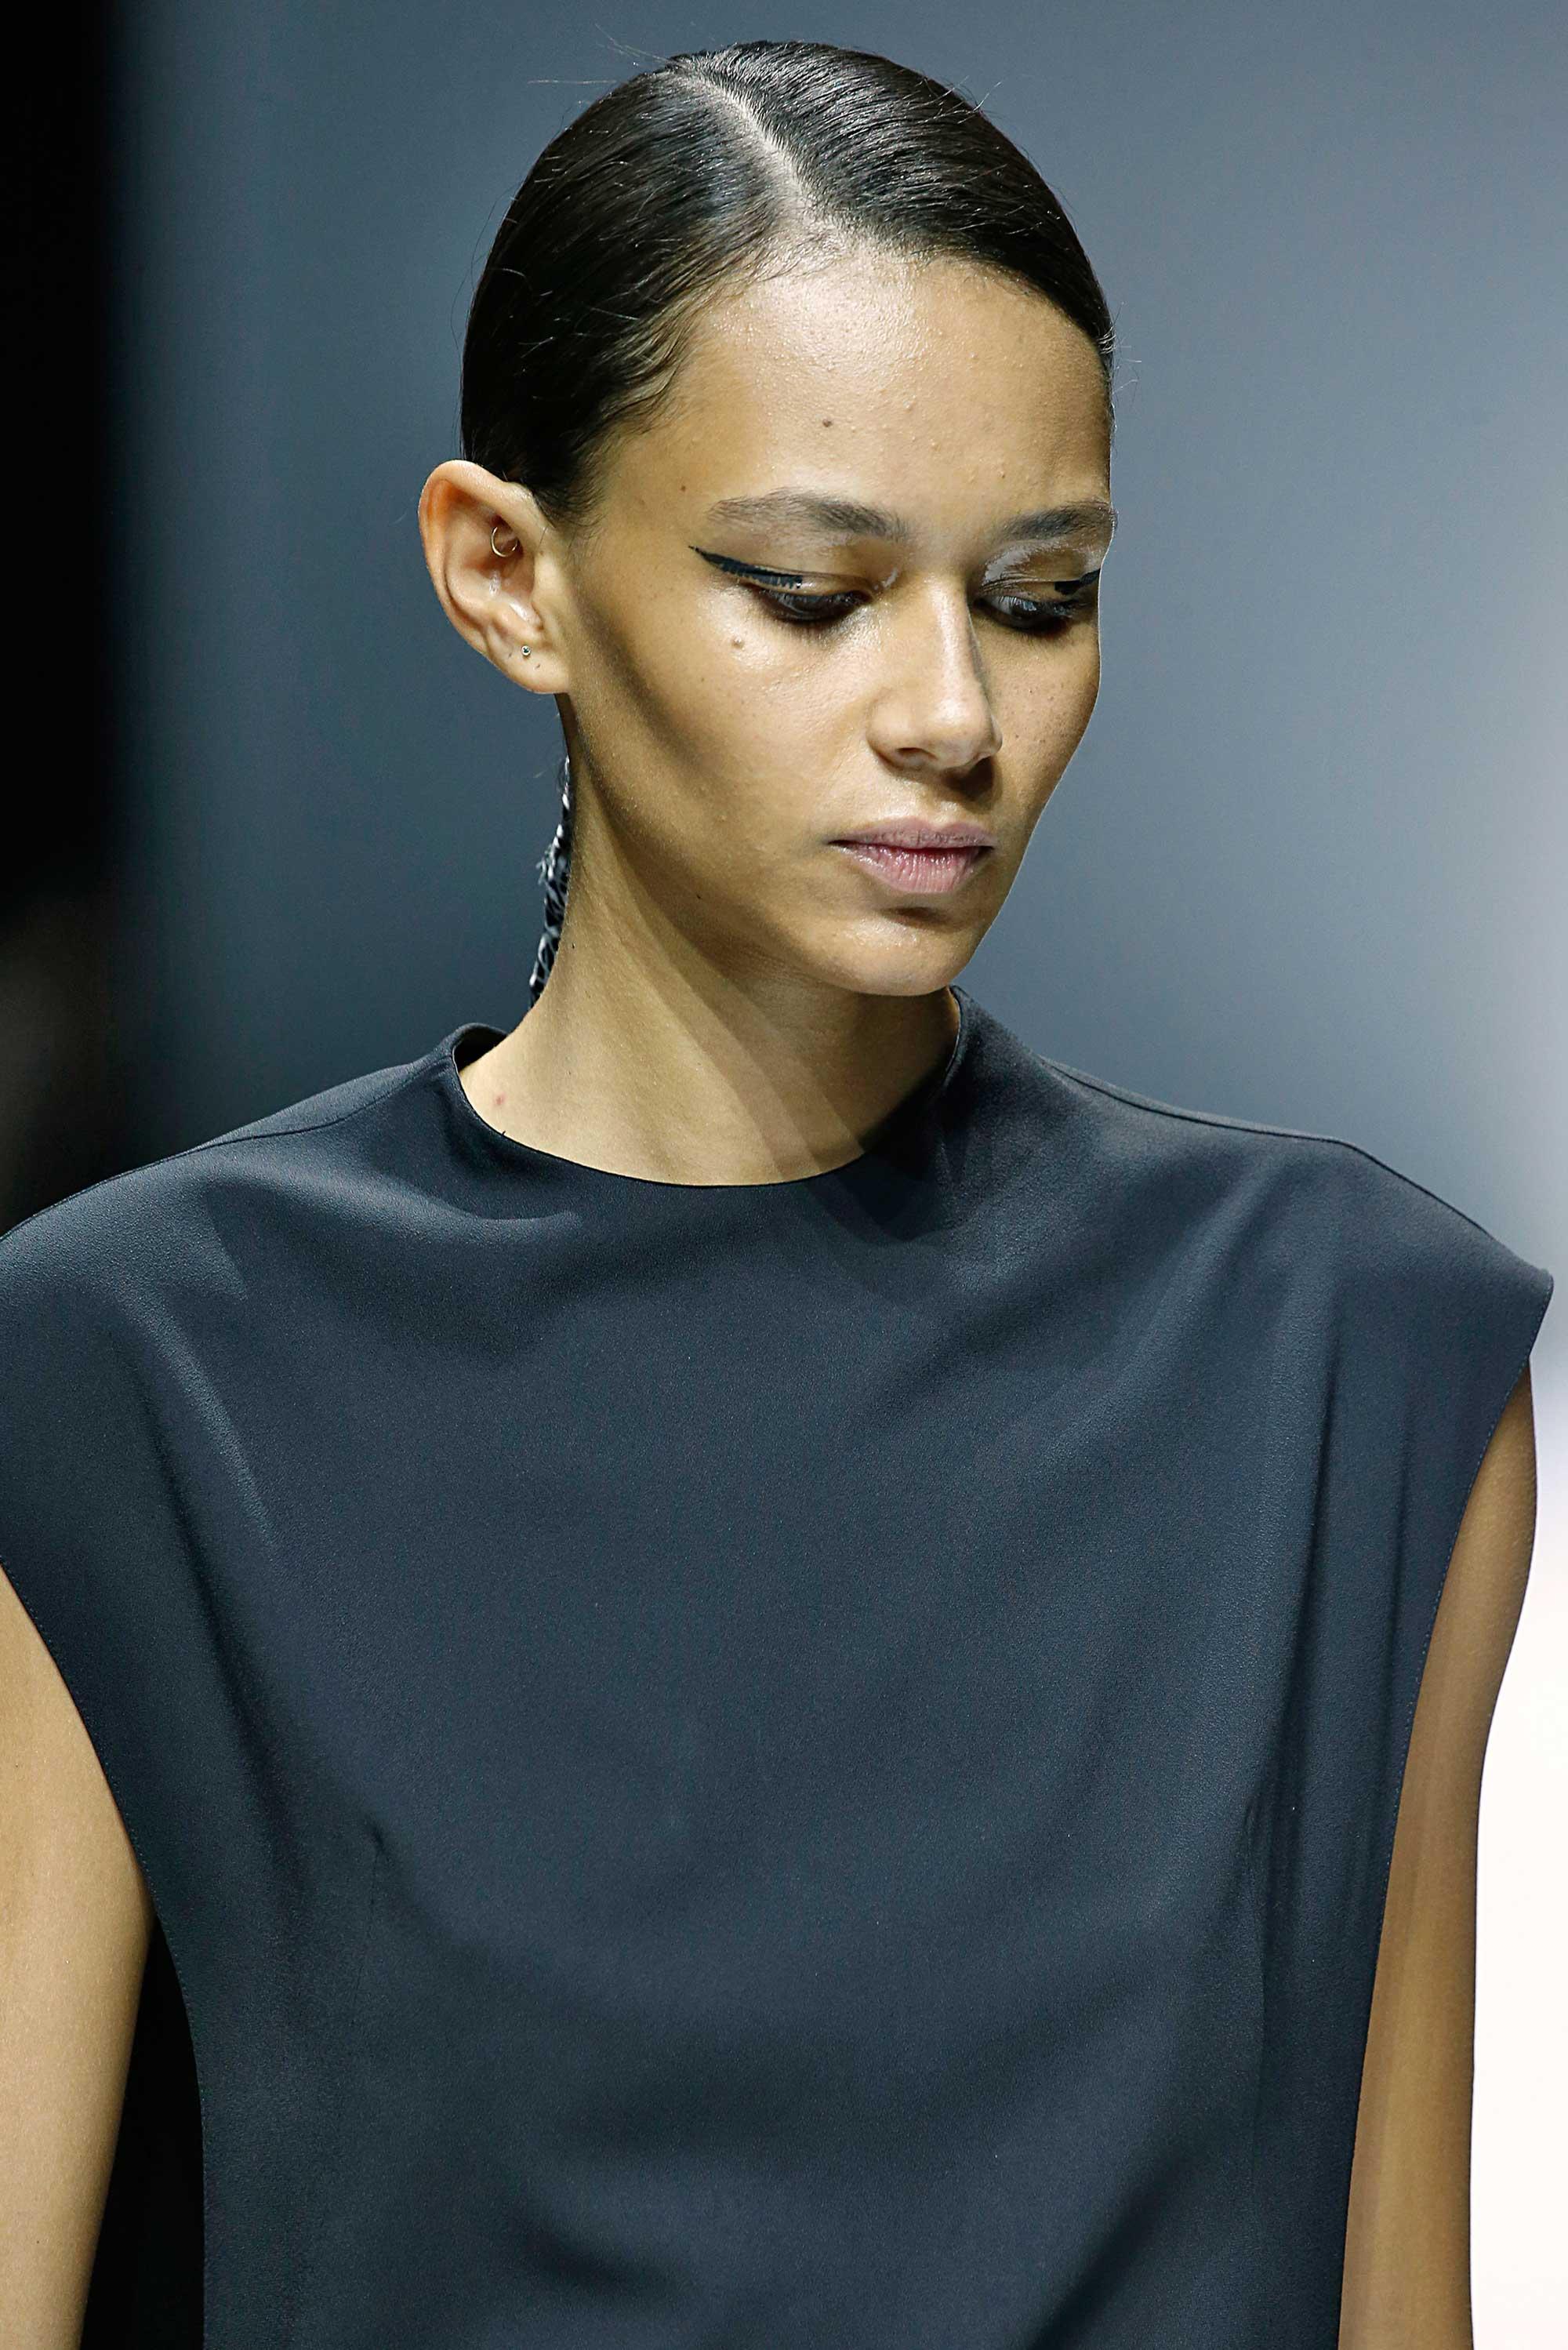 modelo usando um dos penteados para cabelos cacheados e crespos com a raiz polida